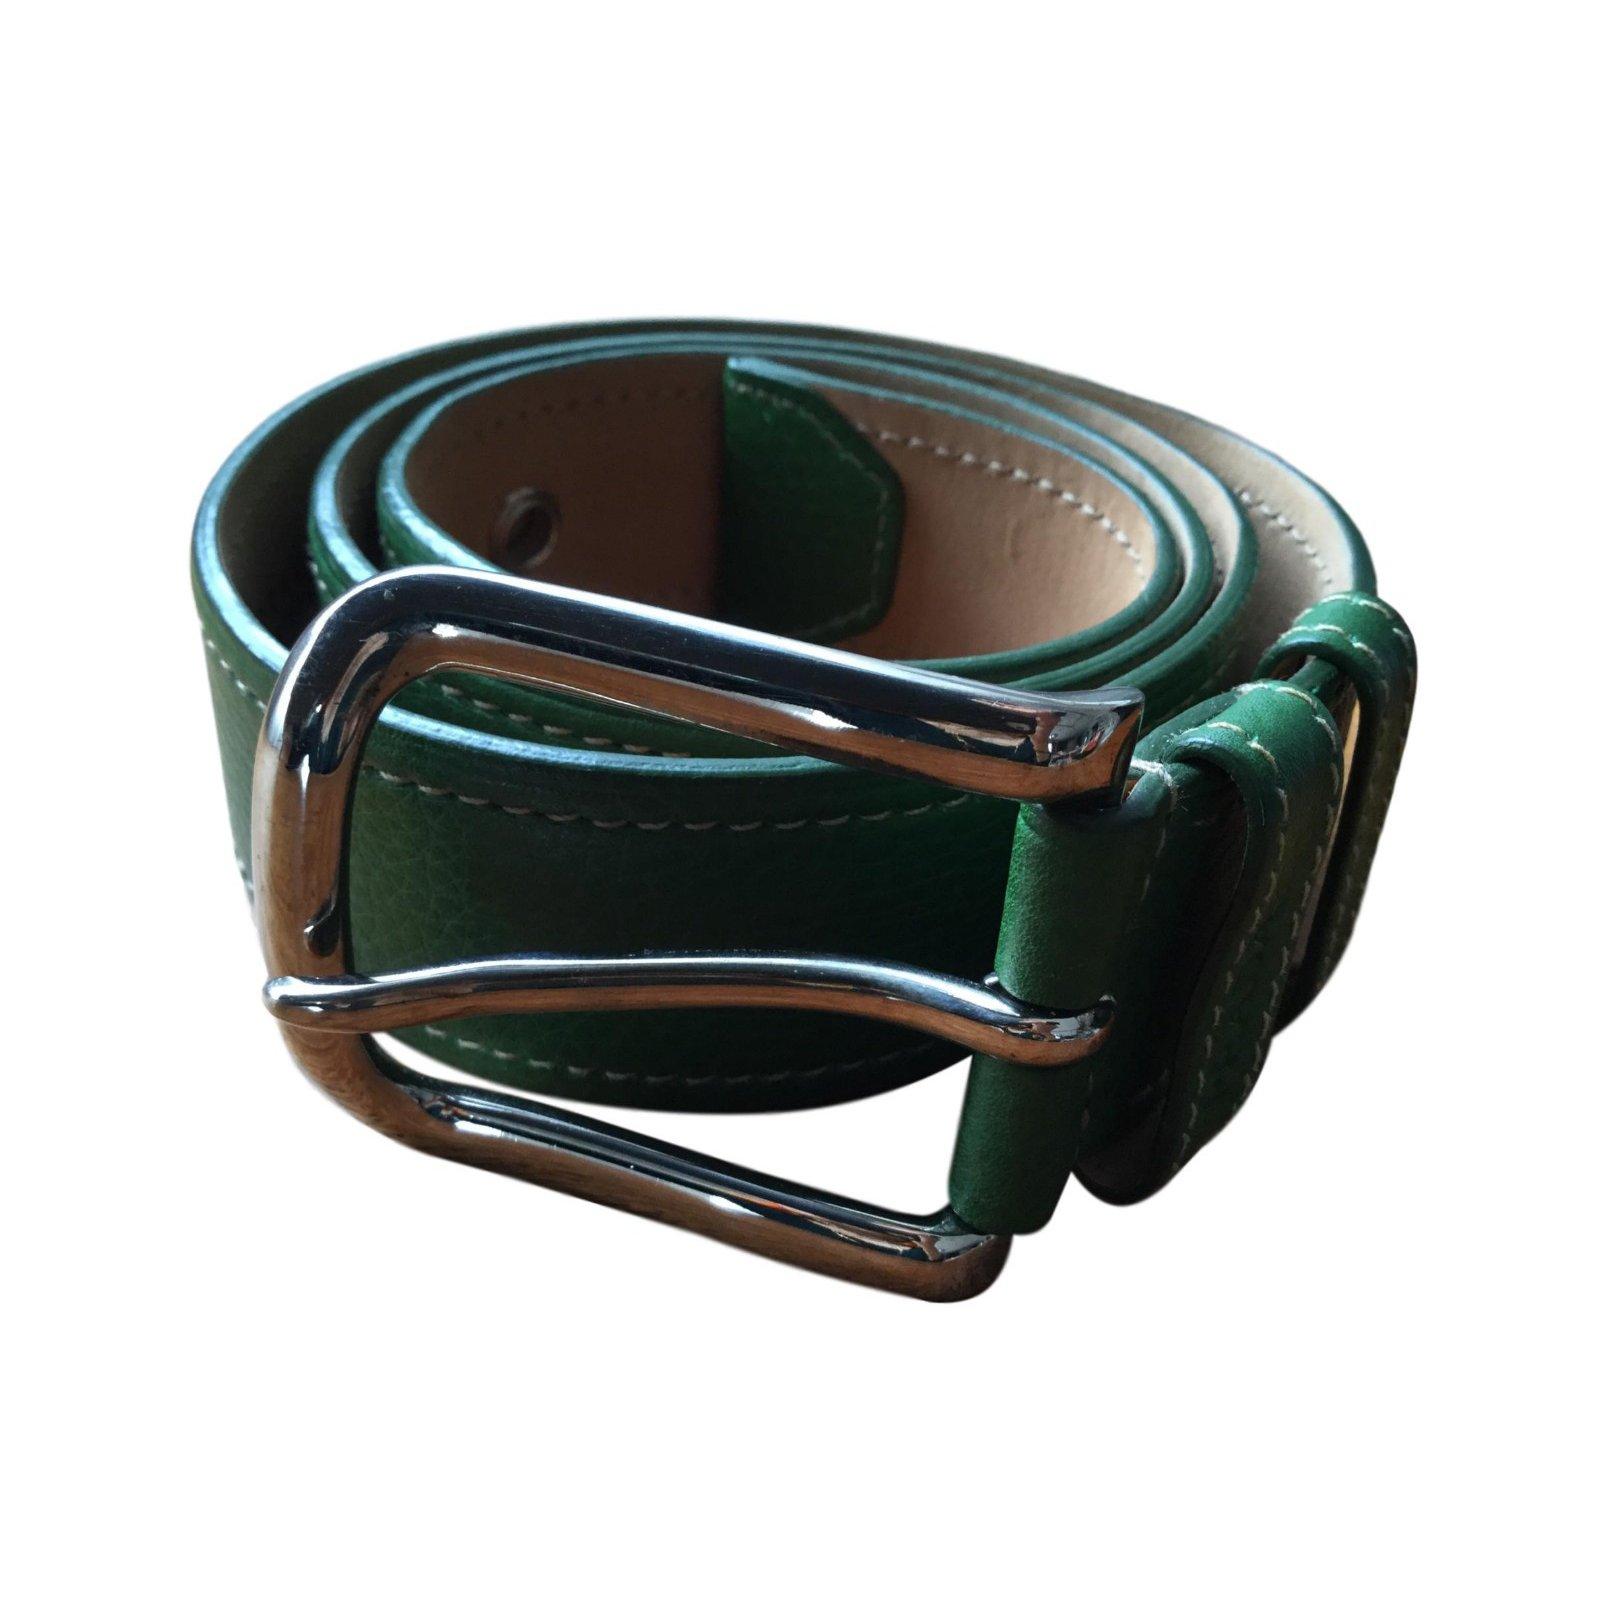 4798c74f383 Ceintures Prada Ceinture Cuir Vert ref.64877 - Joli Closet